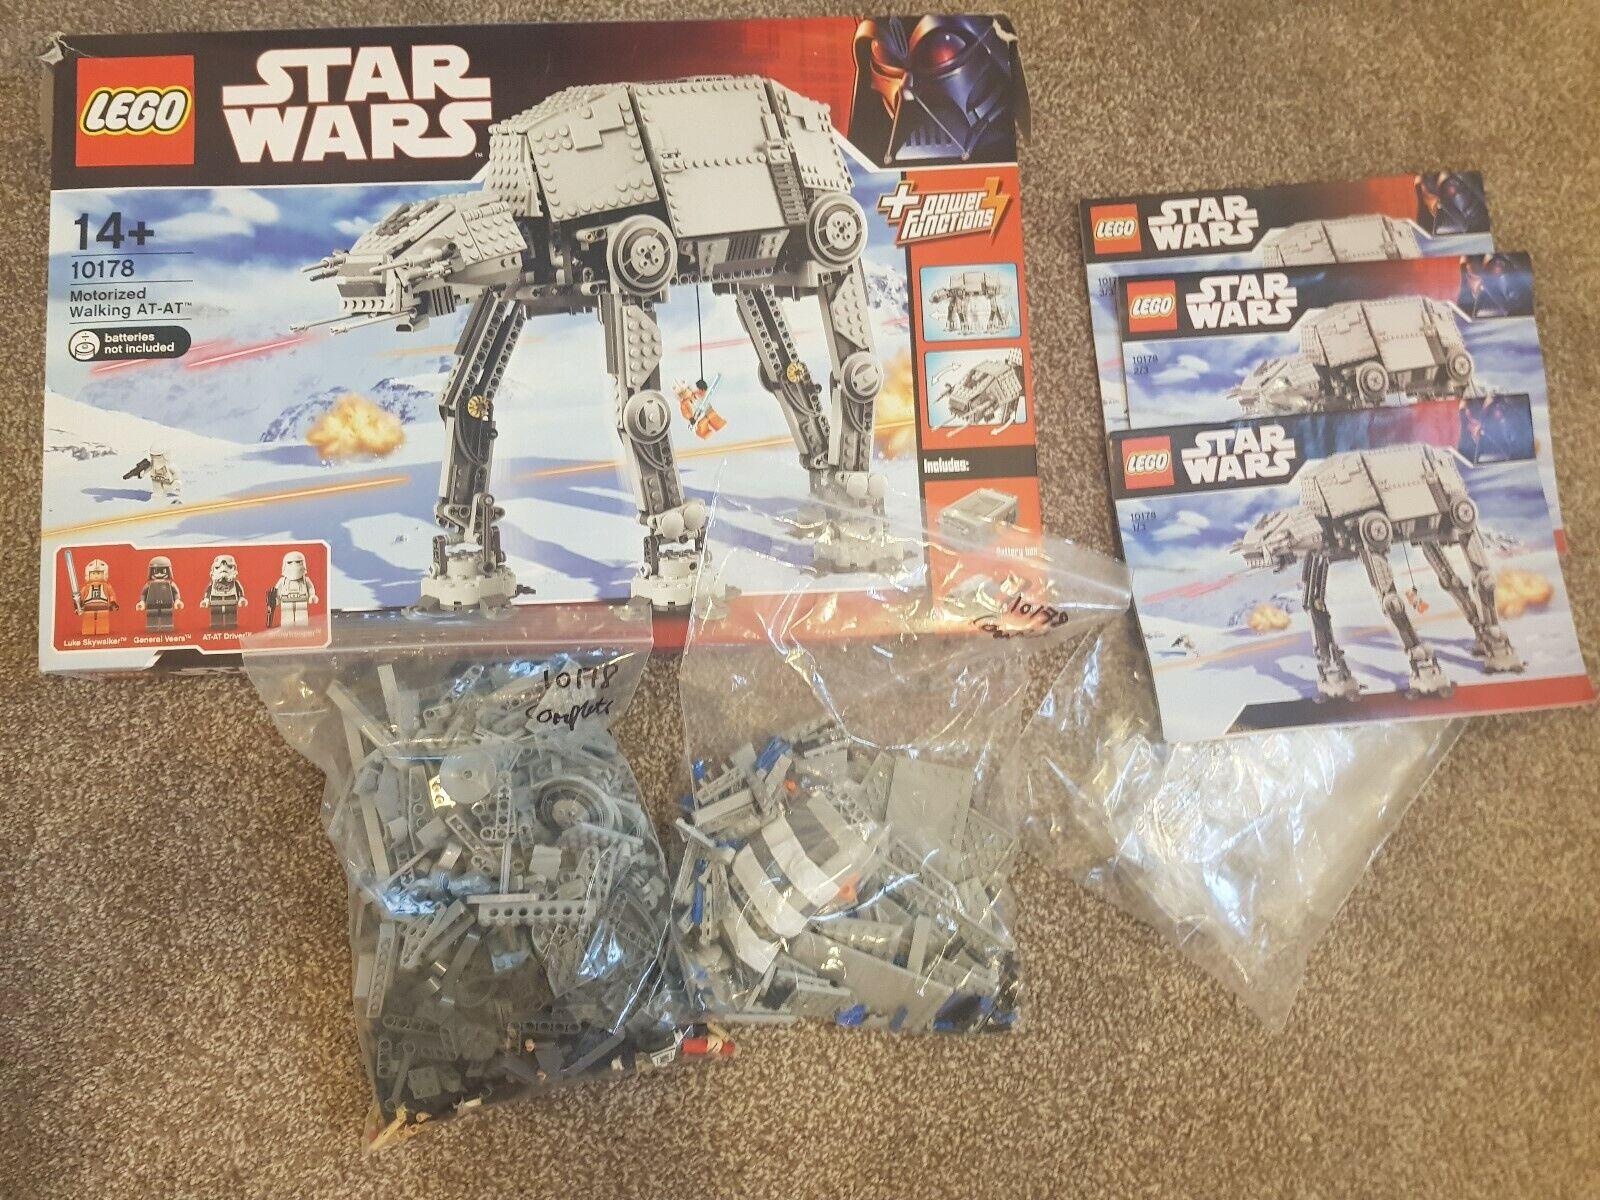 Lego Star Wars 10178 Motorized en  marchant AT-AT complete boxed Luke Skywalker UCS  réduction en ligne